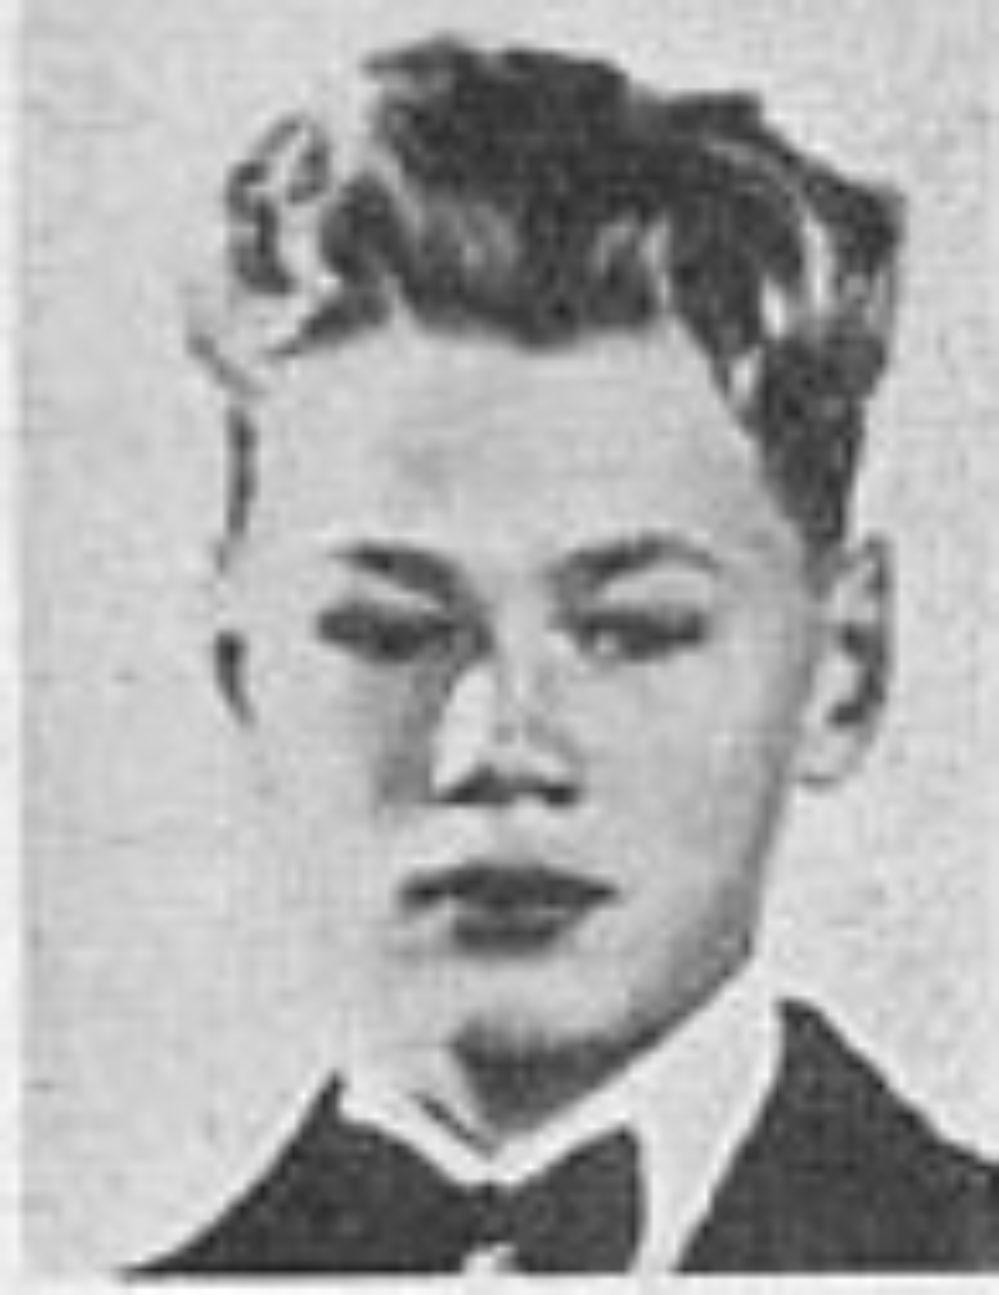 Frank Svendsen